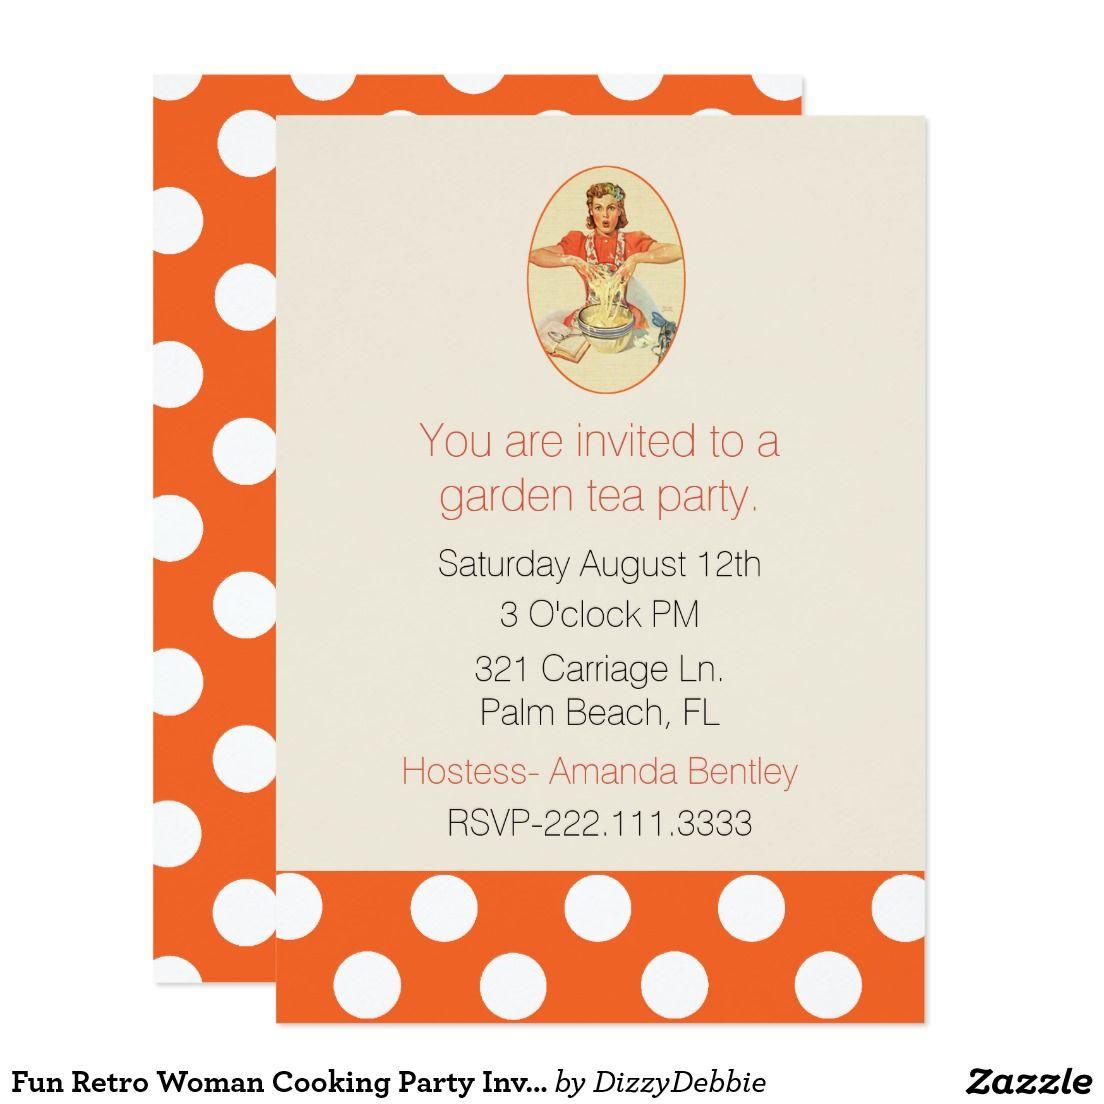 Fun Retro Woman Cooking Party Invitation | Zazzle invitations, Fun ...